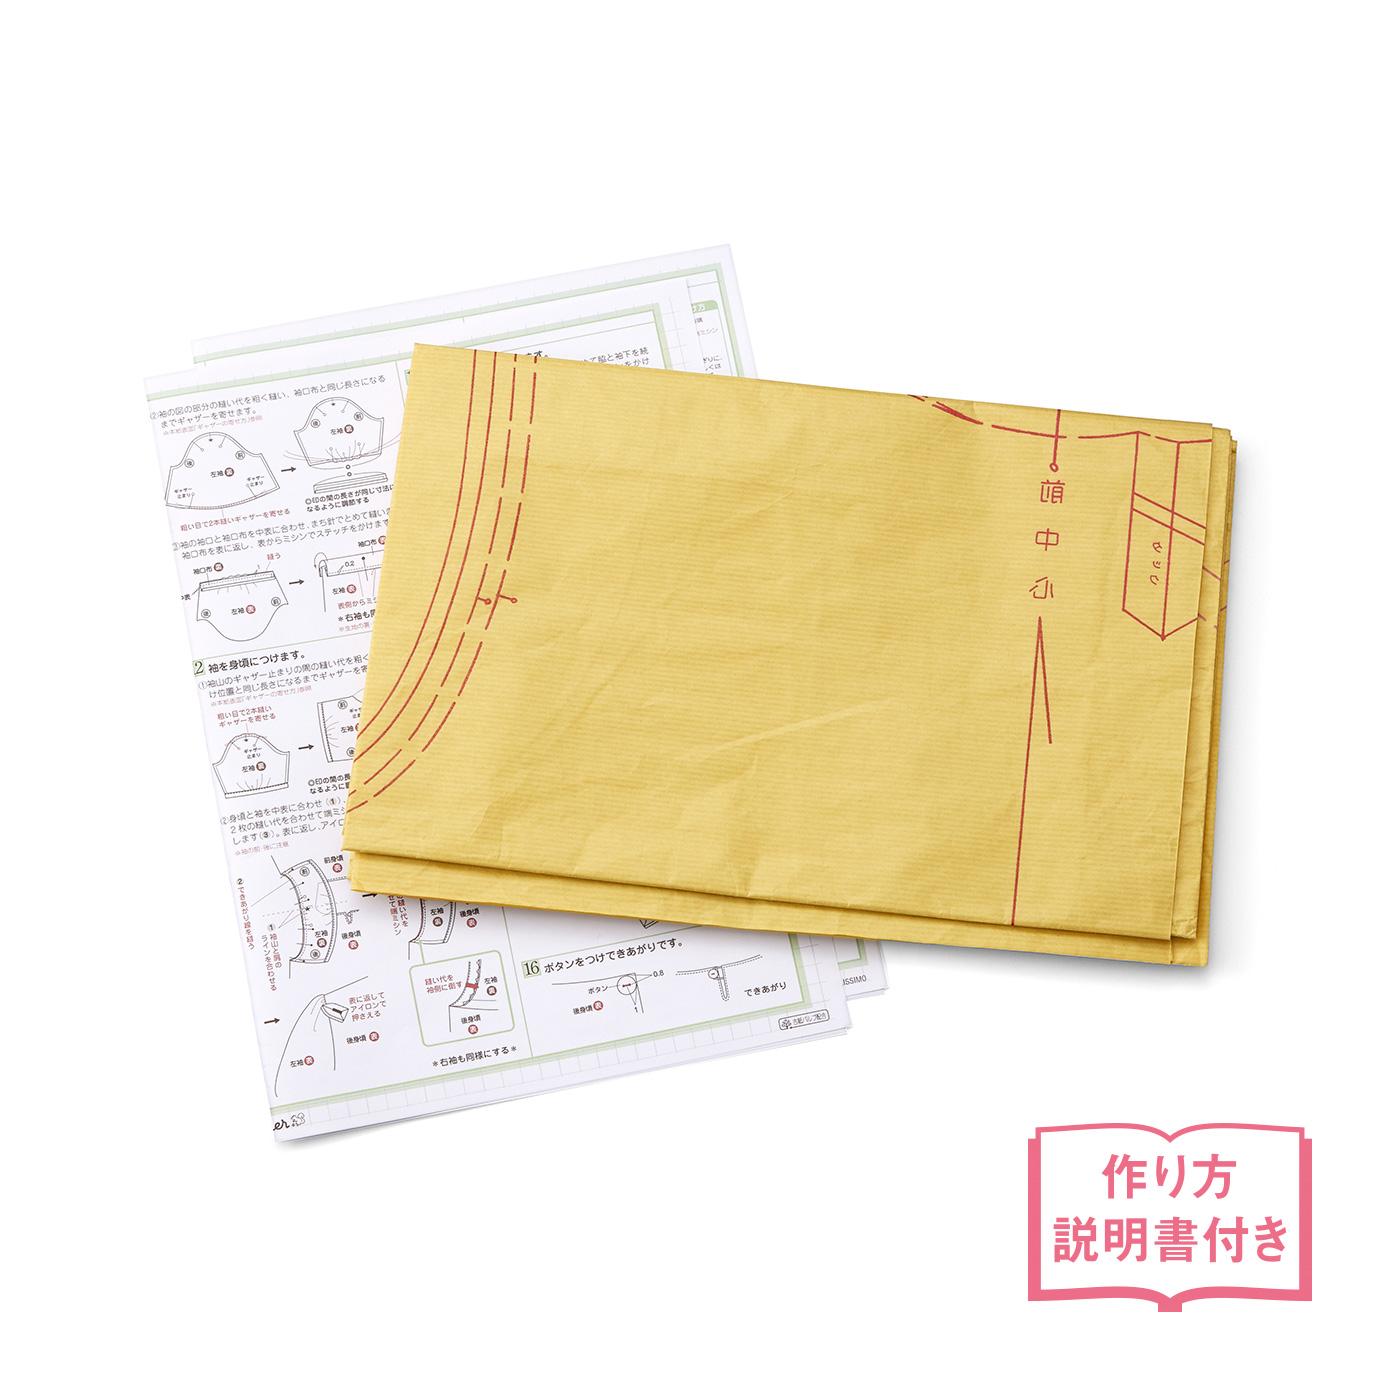 ●1回分のお届けキット例です。 アイロン転写紙(型紙)と作り方説明書のみのセットです。布地・ゴム・ボタンなどはセットされません。